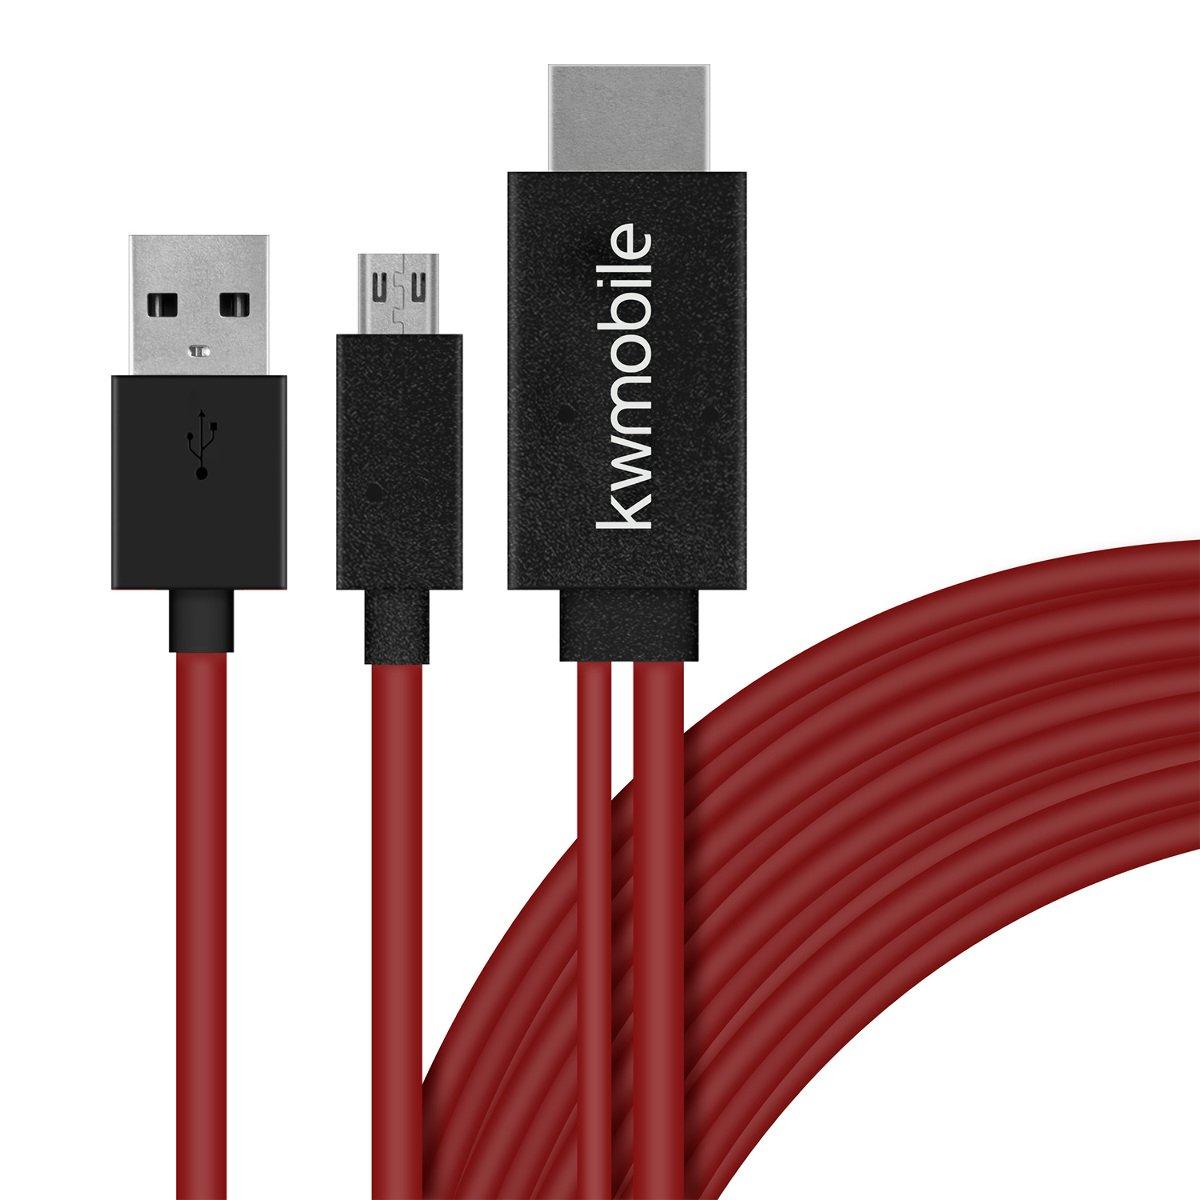 kwmobile Cable Adaptador MHL 1.8 M: Amazon.es: Electrónica